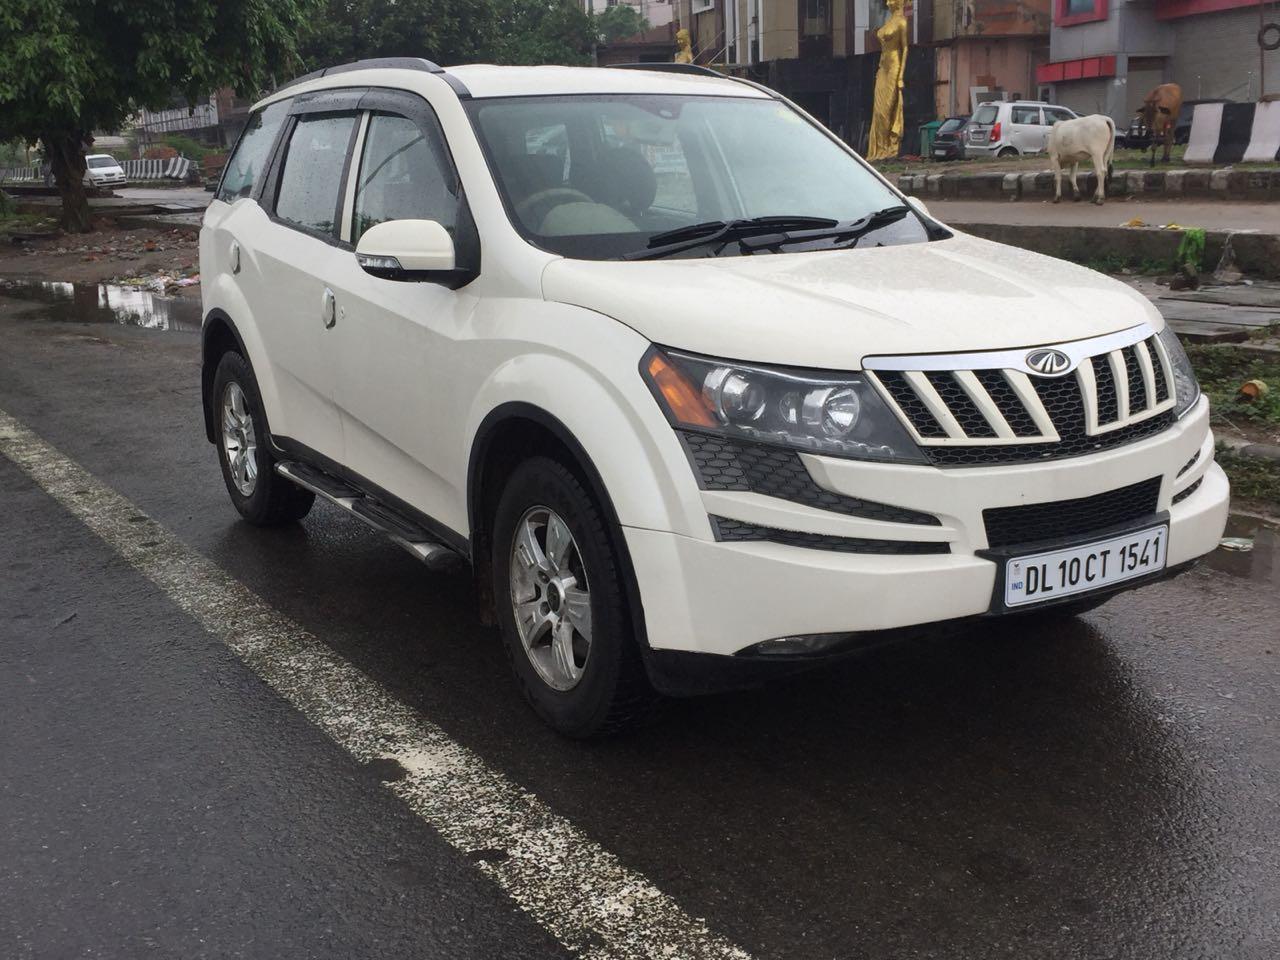 Secondhand XUV-500 W-8 car in Dwarka and Uttam Nagar